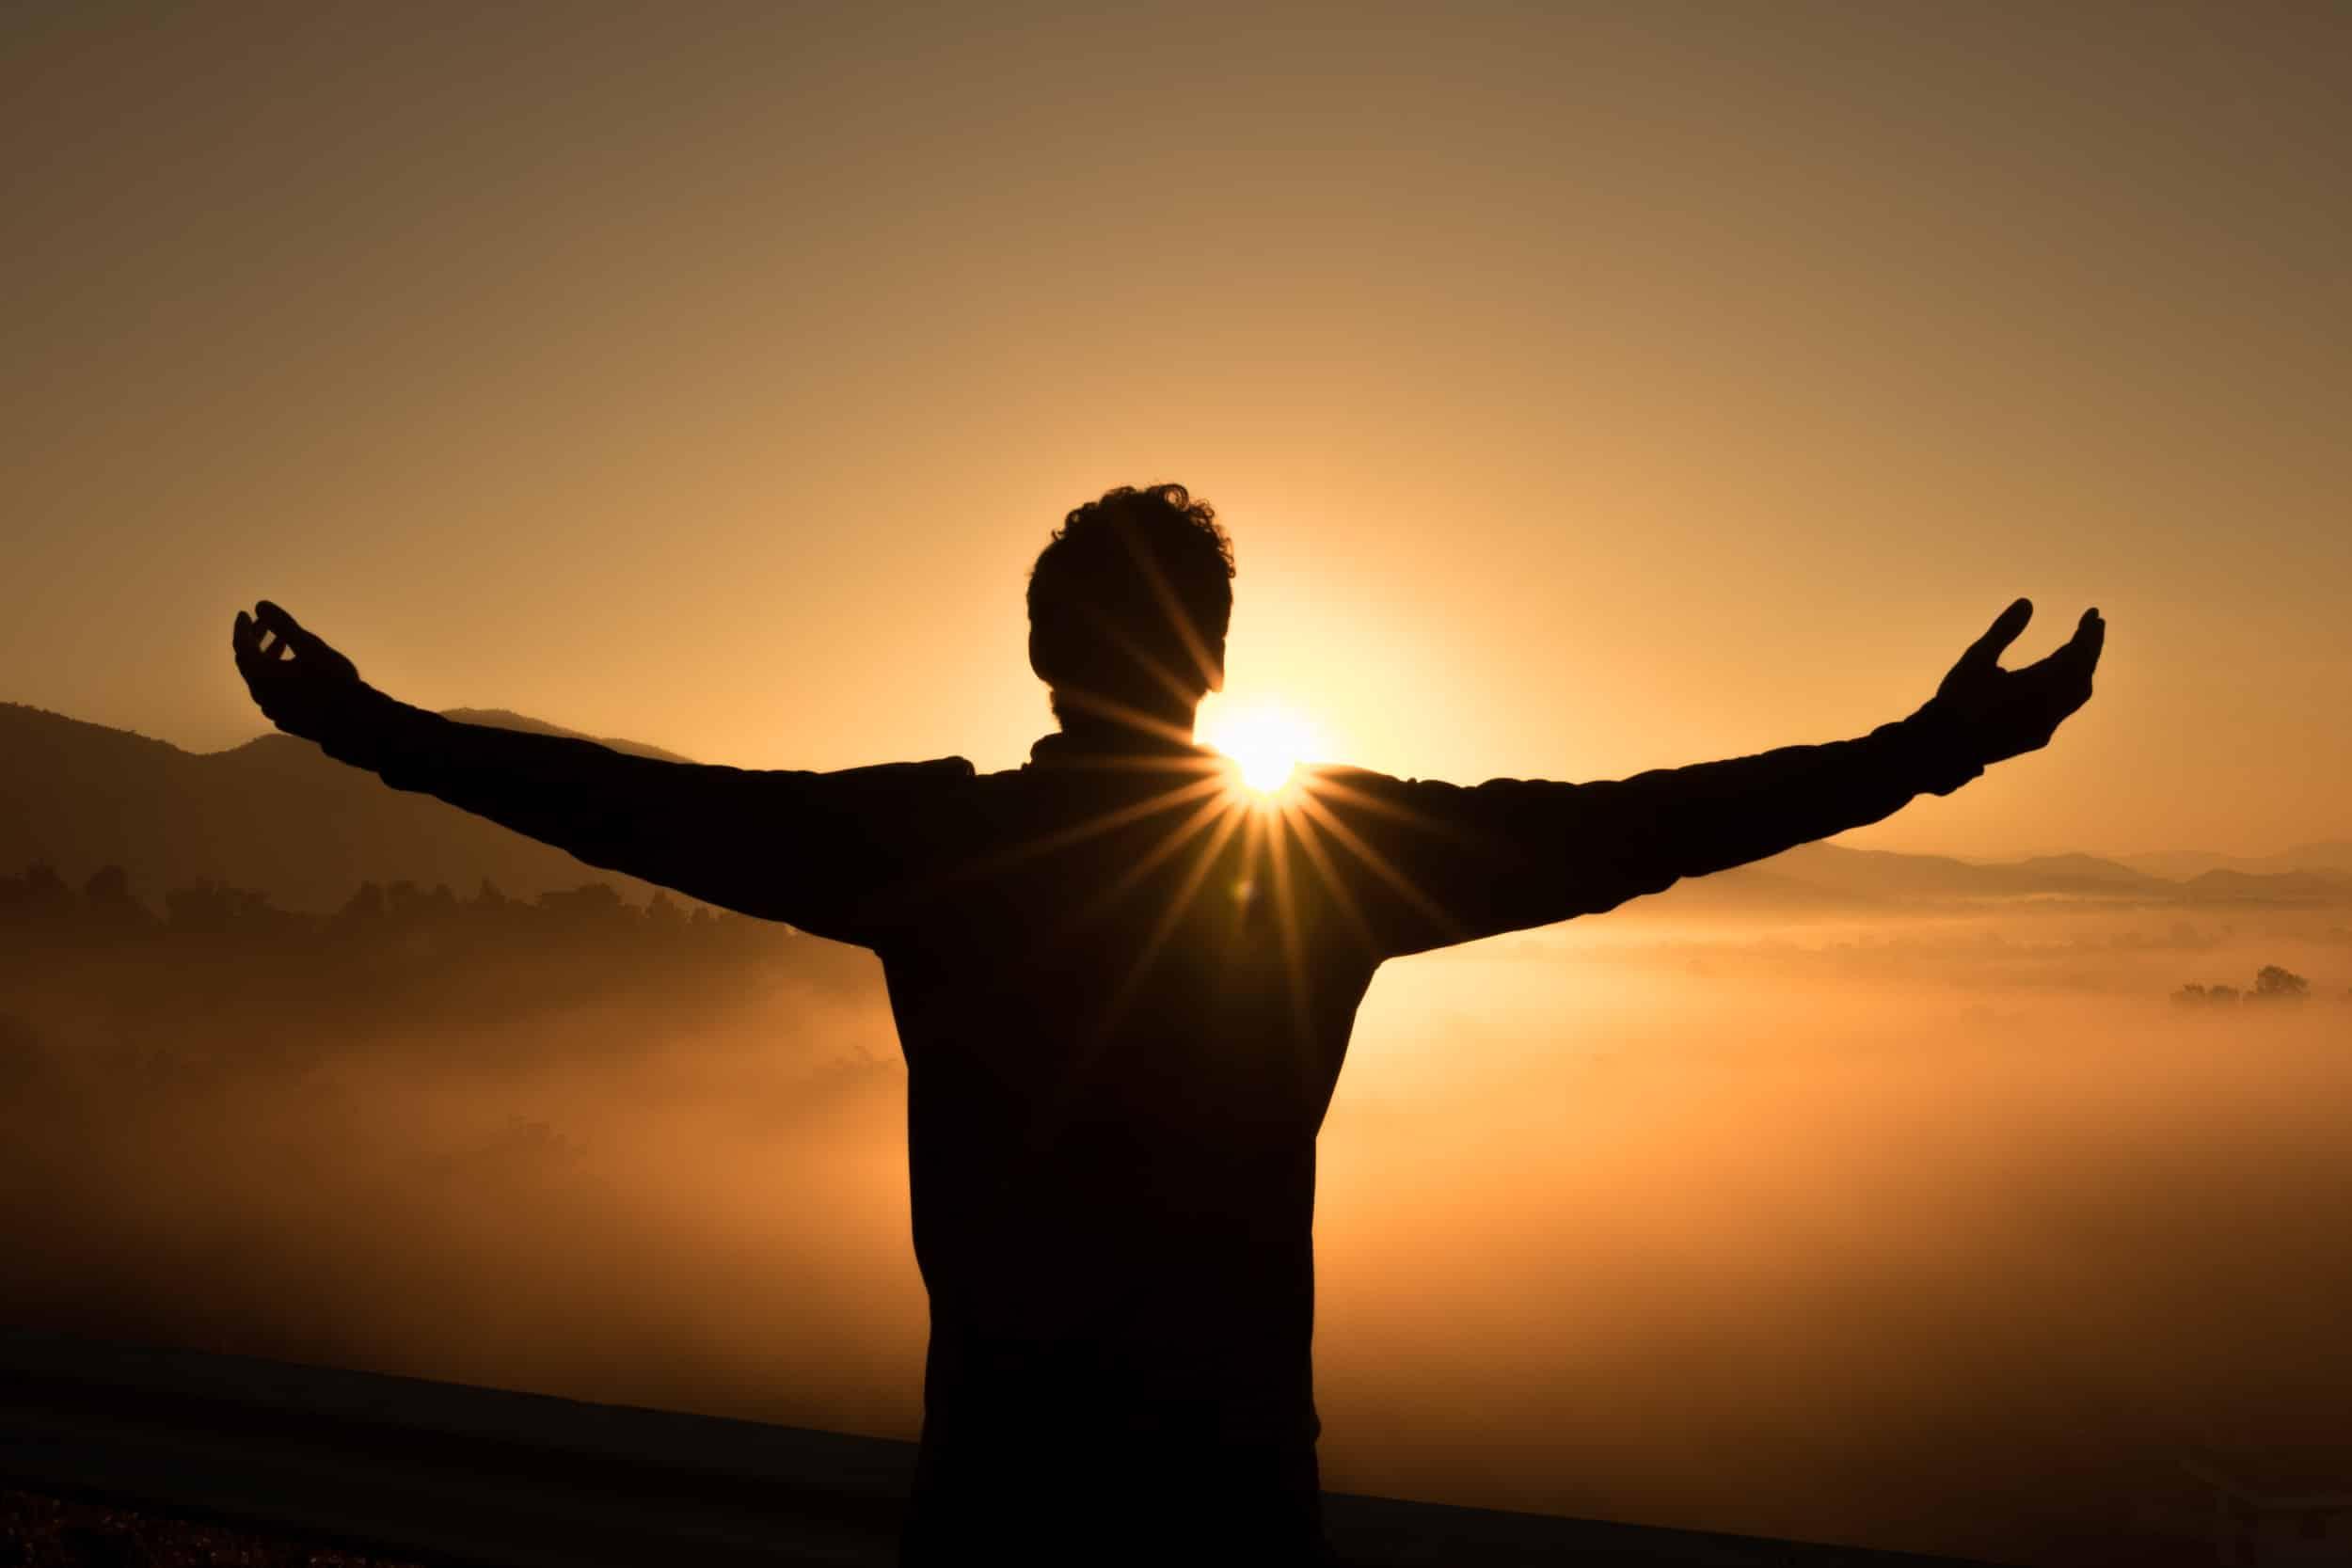 Silhueta de um homem de costas com os braços abertos em direção ao Sol.